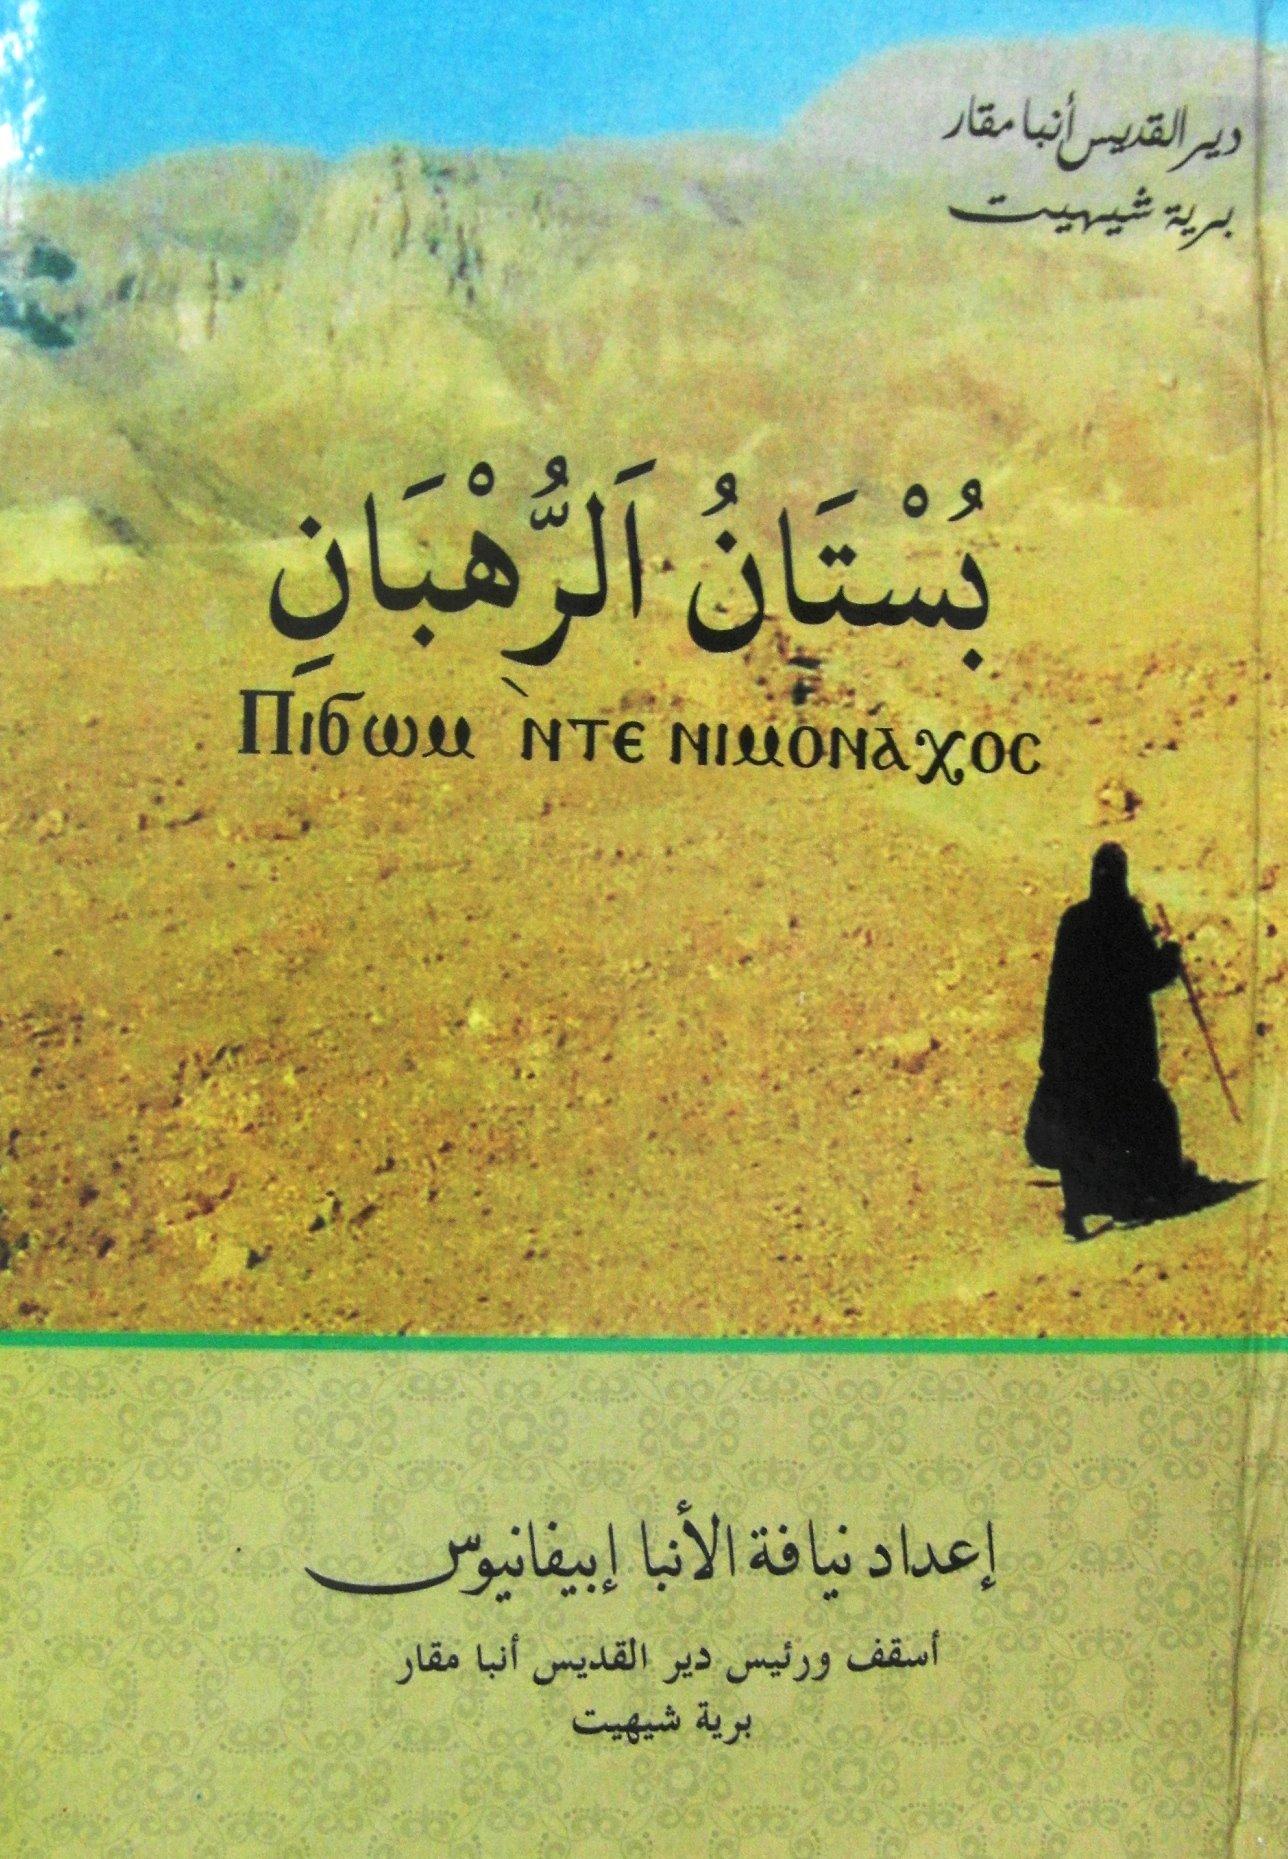 قراءة في كتاب بستان الرهبان لنيافة الأنبا إبيفانيوس – الدكتور إبراهيم ساويري 1